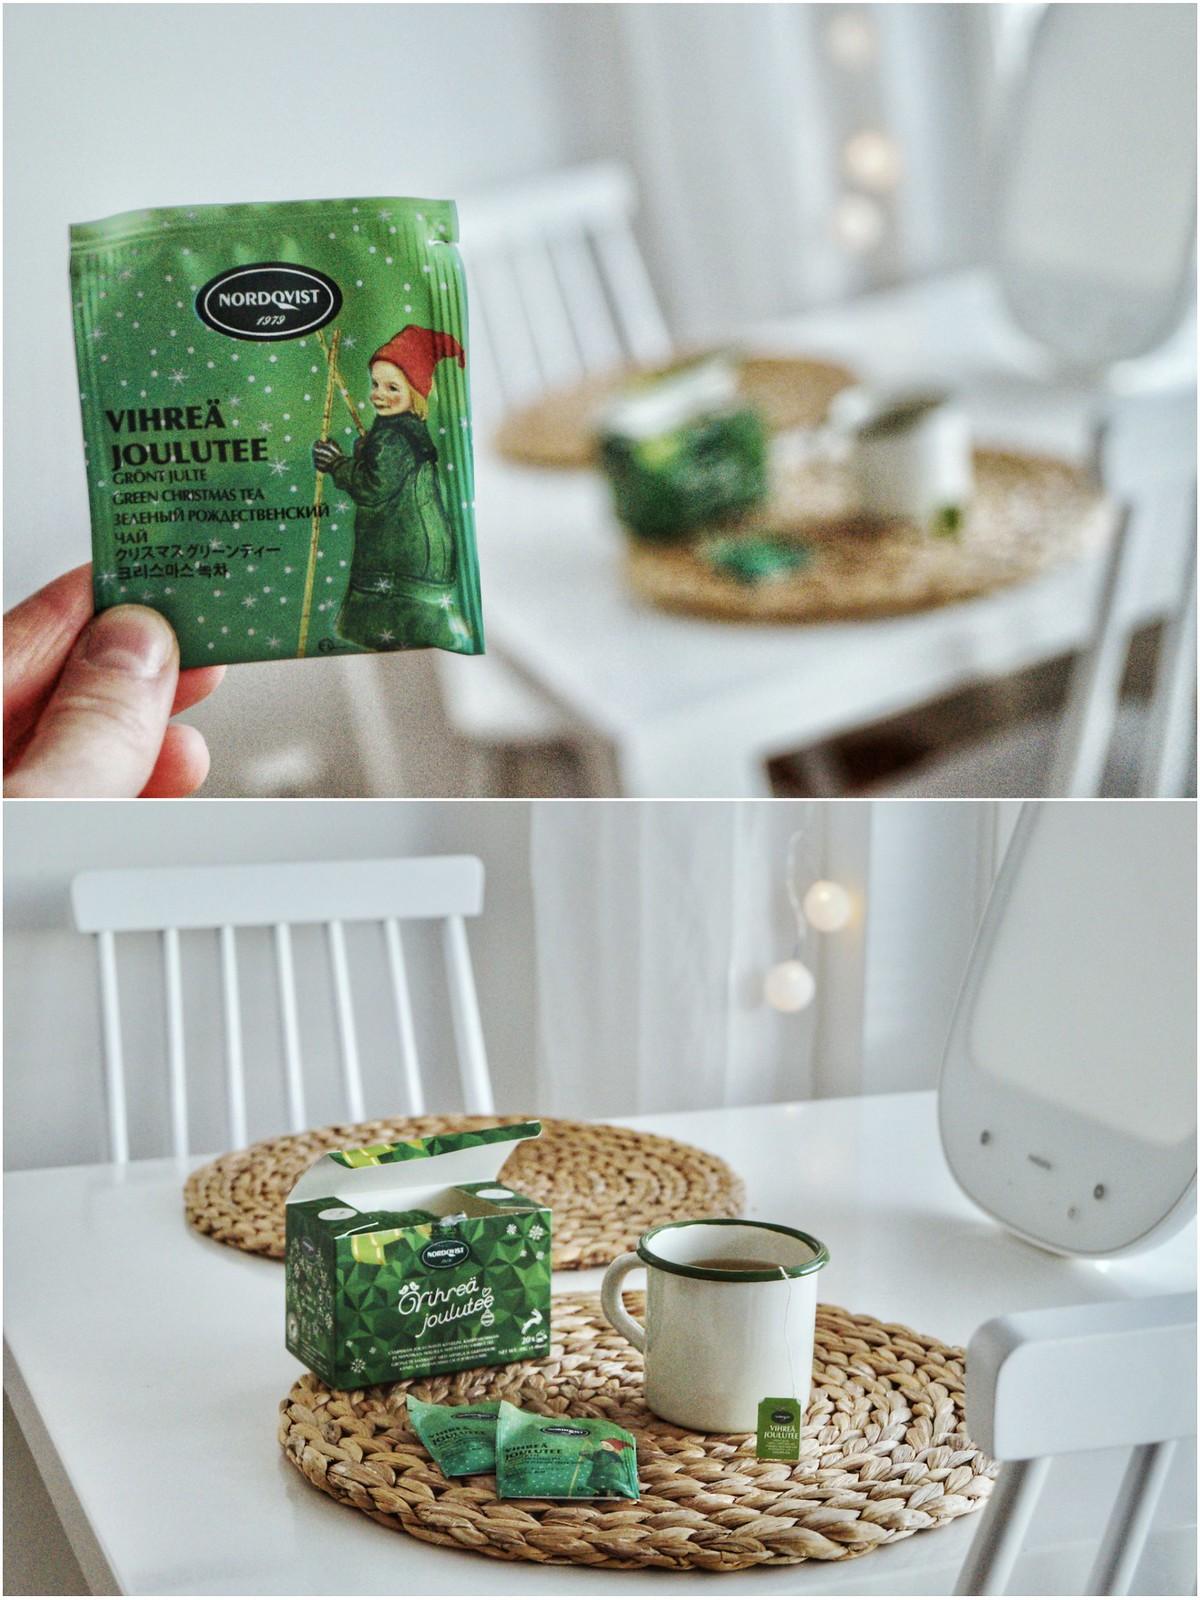 nordqvist-vihreä-joulutee-blogi